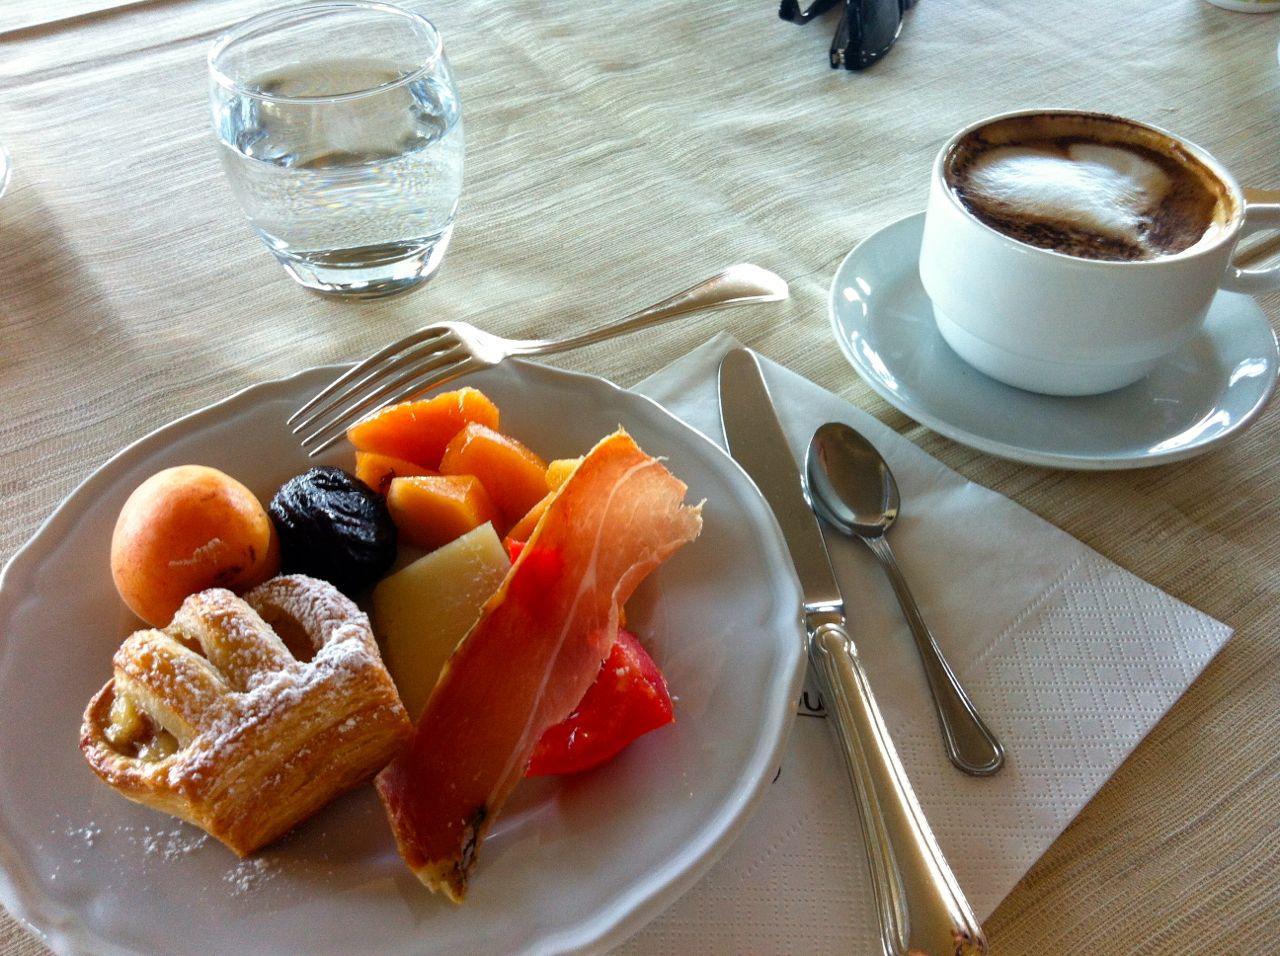 La vie int rieure breakfast in italy for Italian breakfast